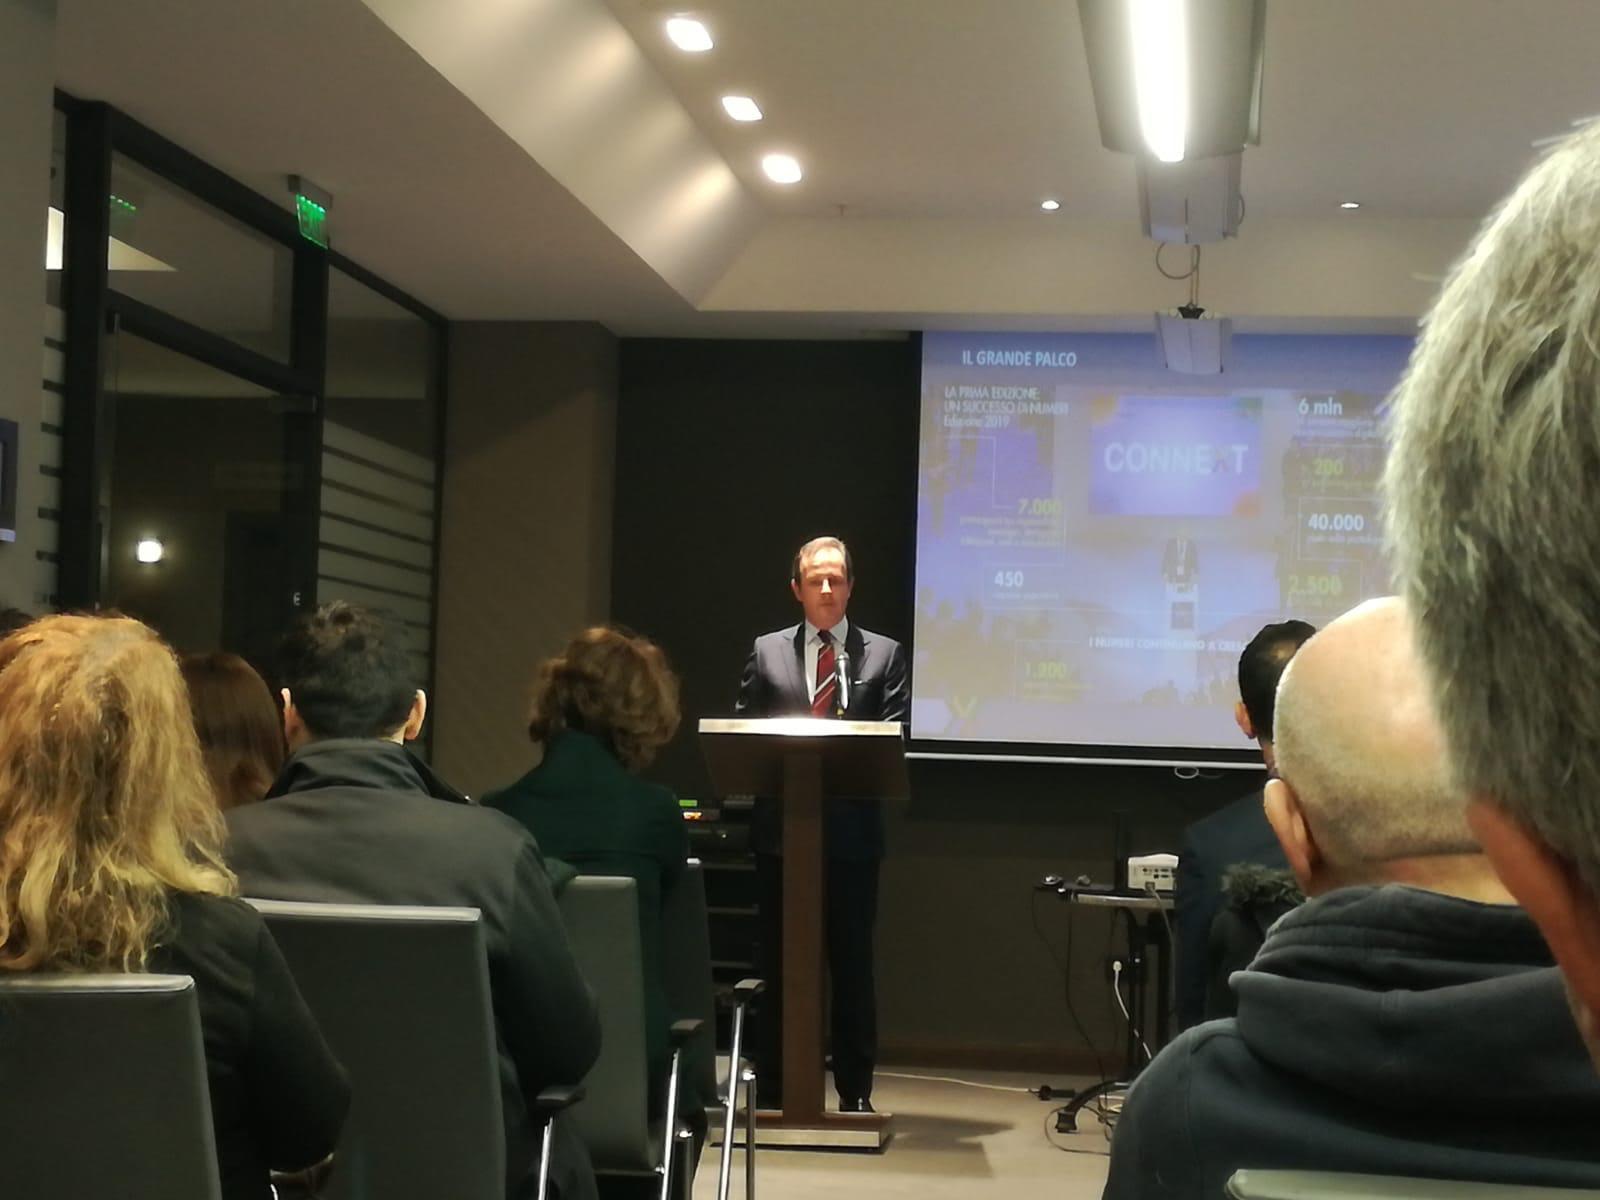 Presentazione Connext 2020 – Skopje, febbraio 2020.